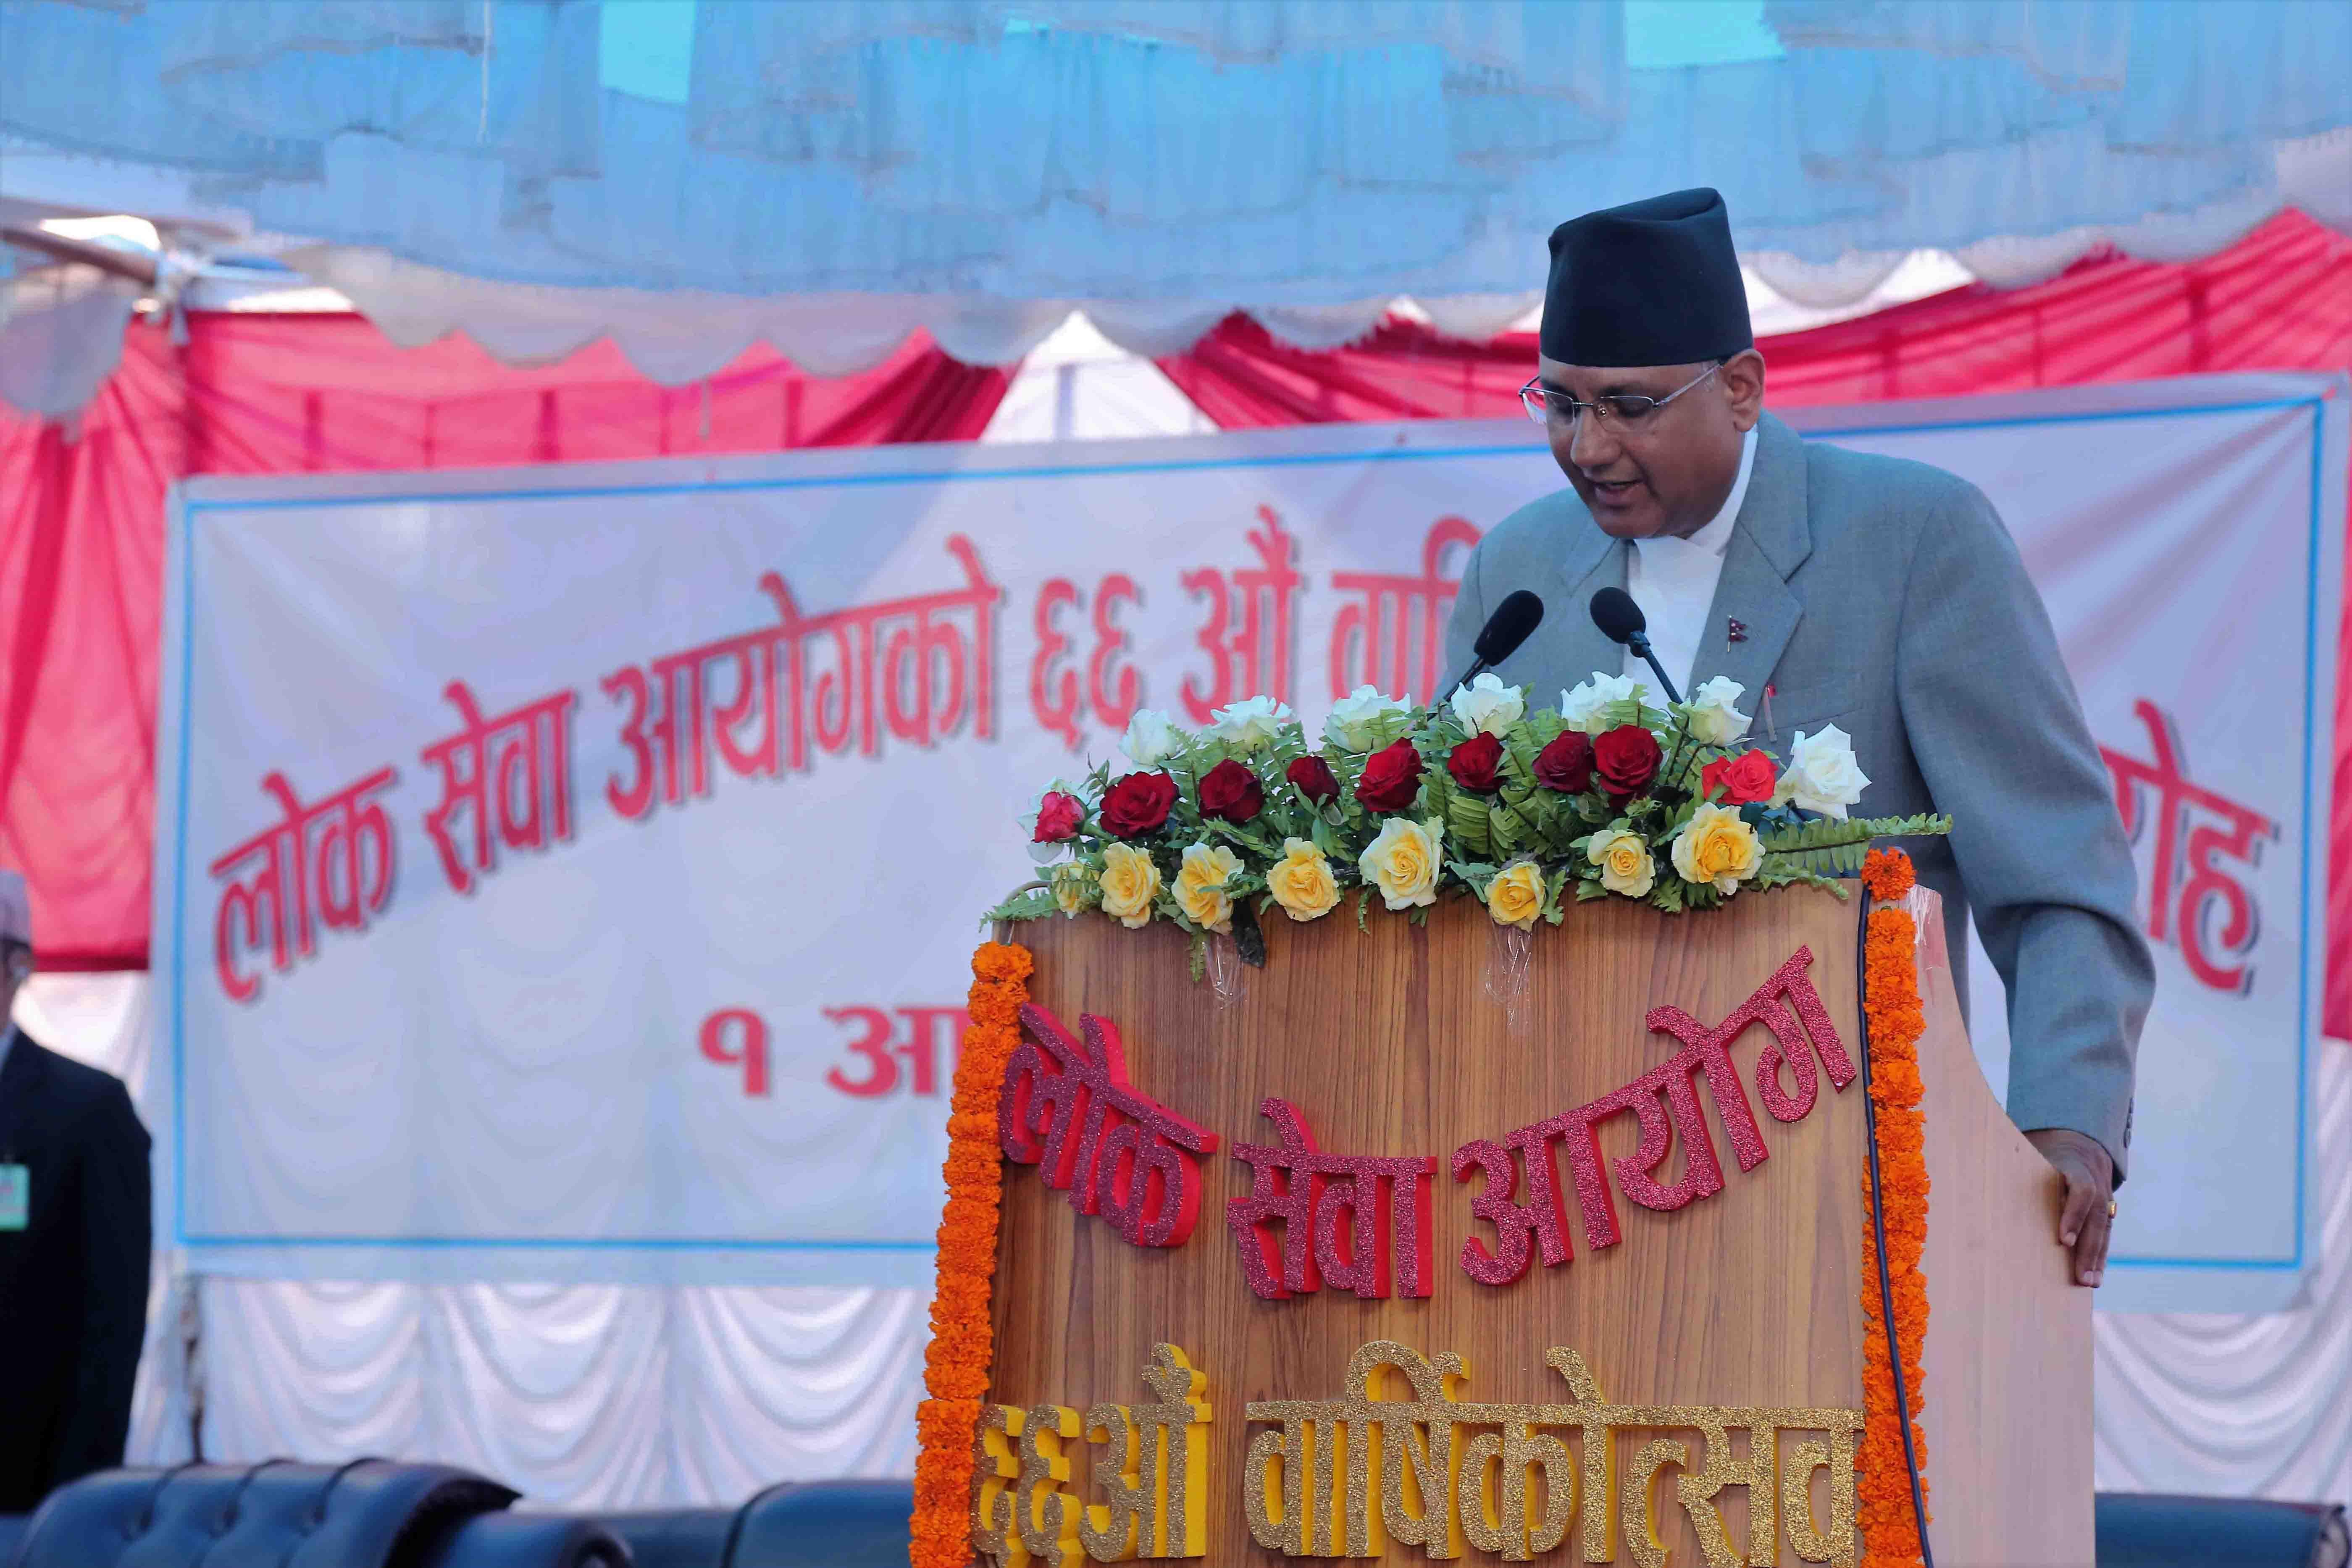 ६६ औं वार्षिकोत्सवको अवसरमा कार्यक्रम संचालन गर्नुहुँदै आयोगका सचिव श्री माधवप्रसाद रेग्मी